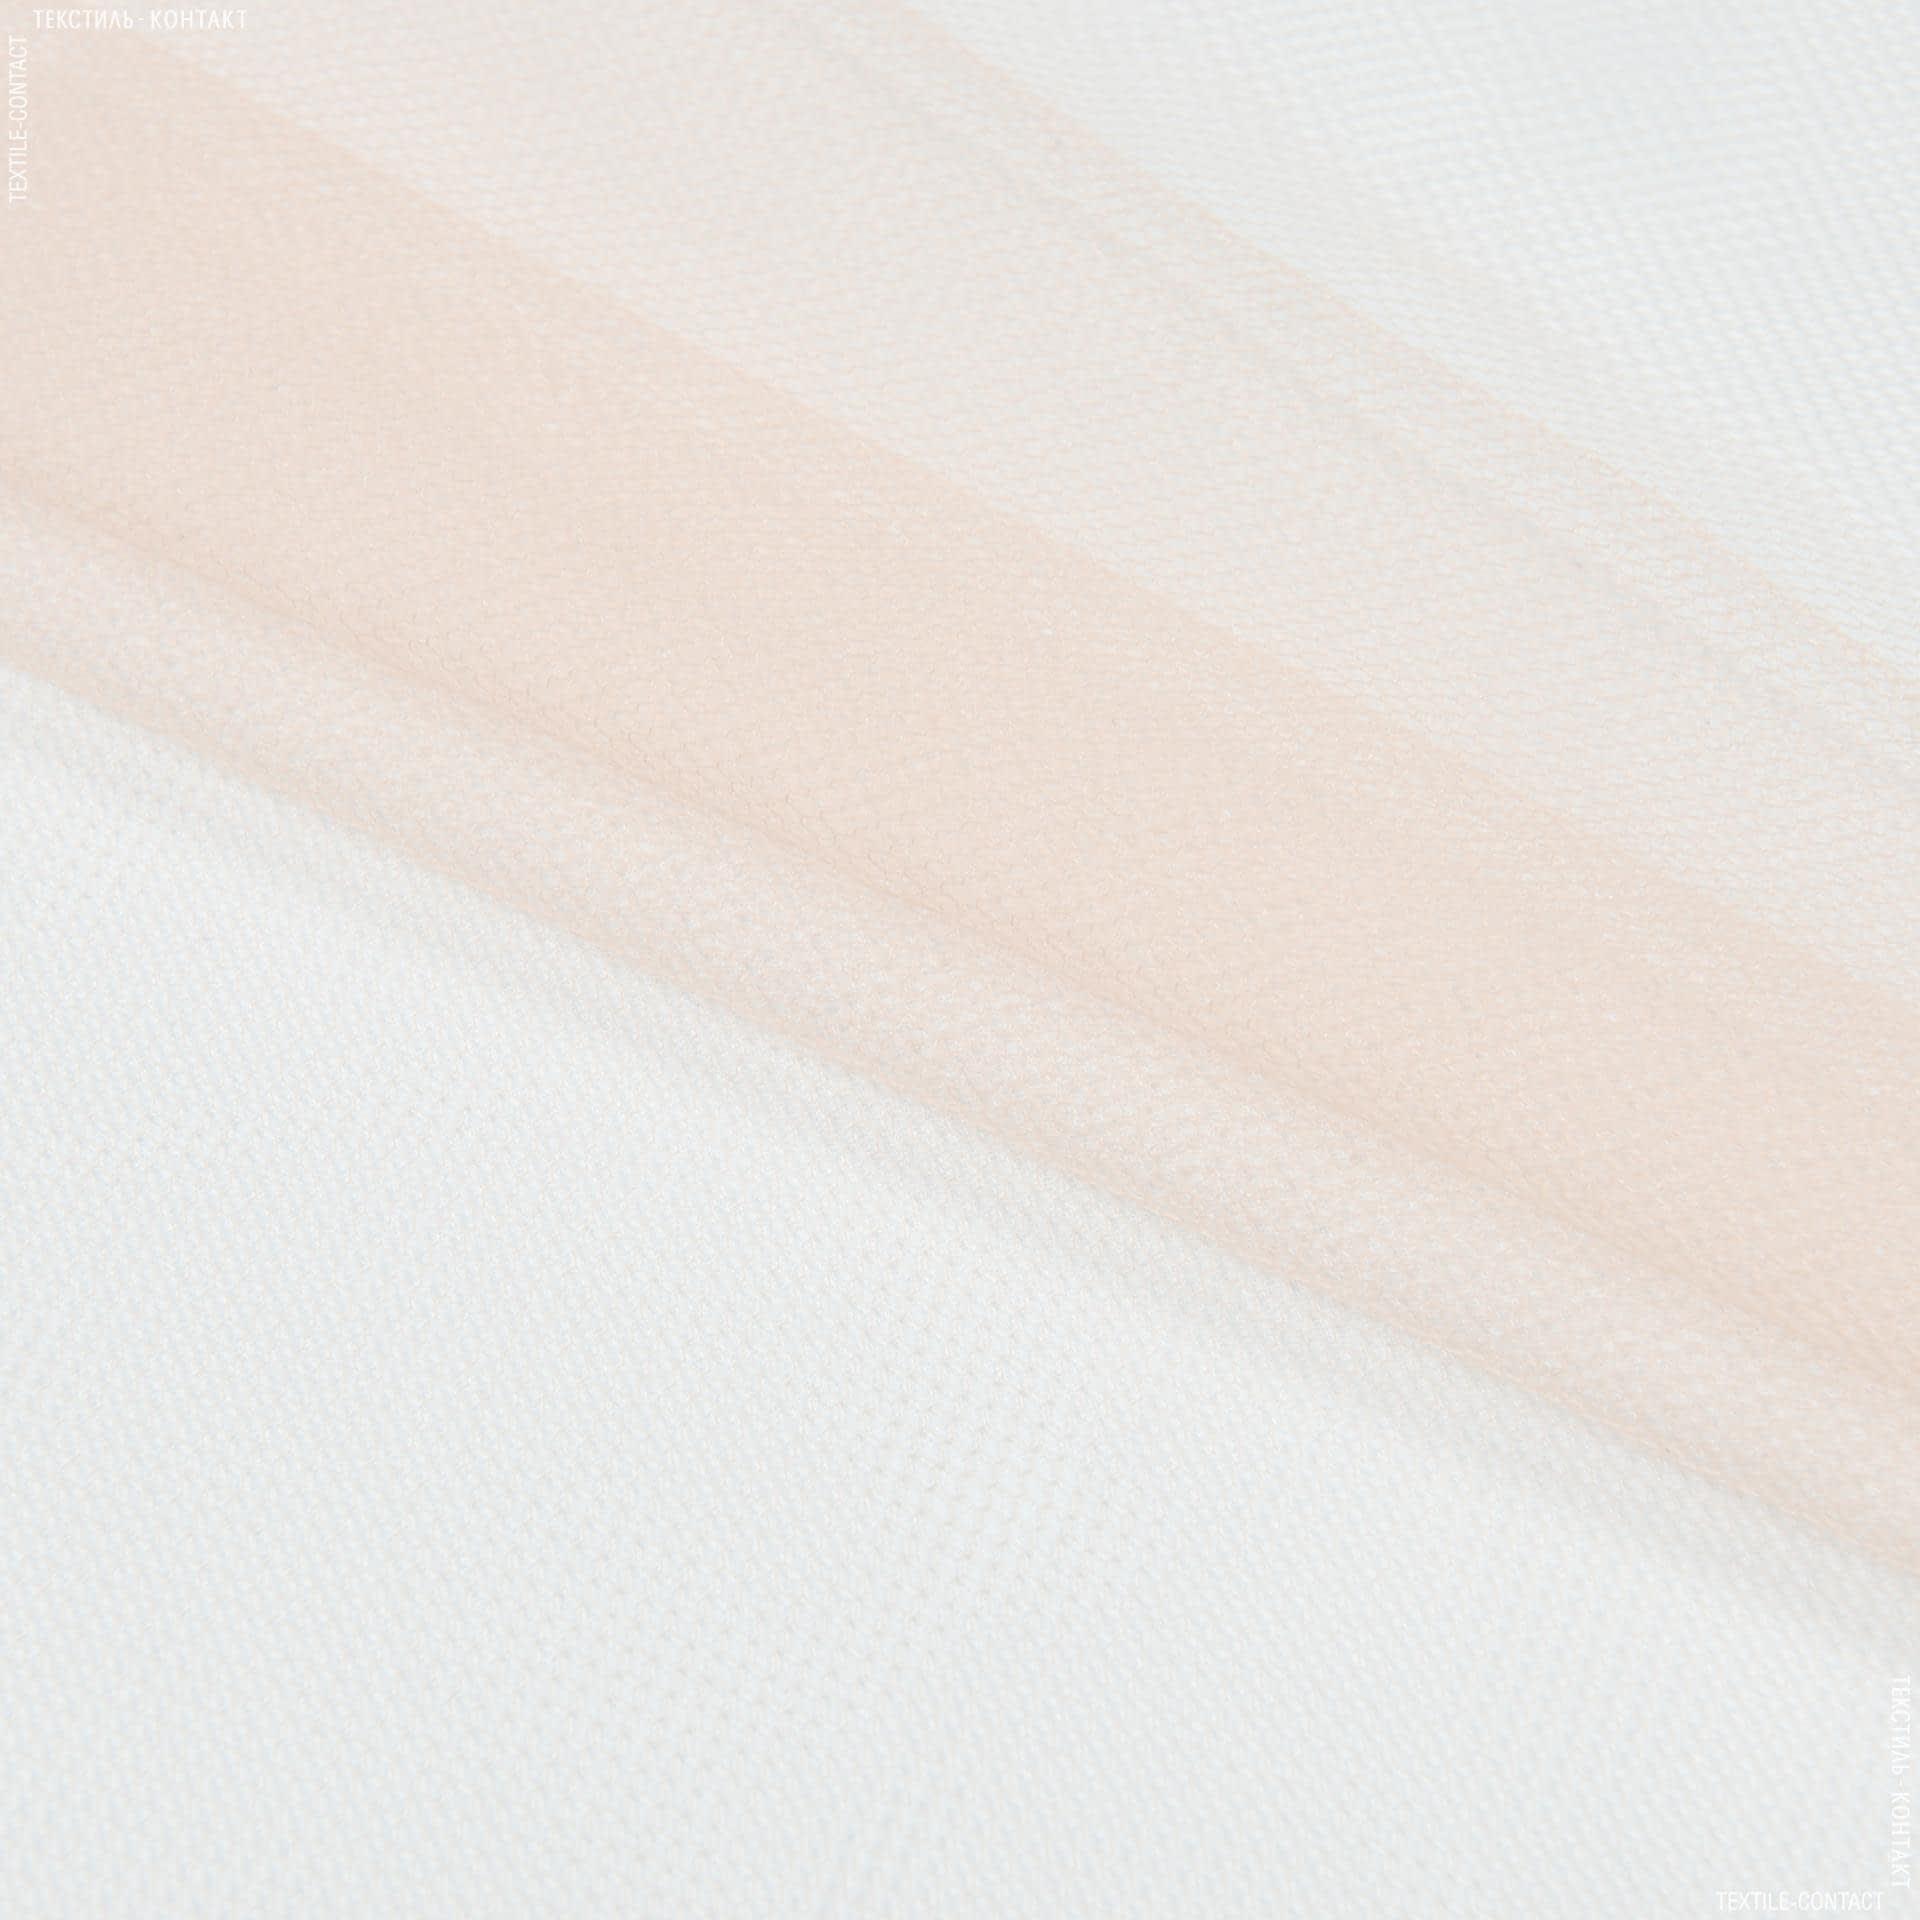 Тканини для суконь - Фатин світло-абрикосовий